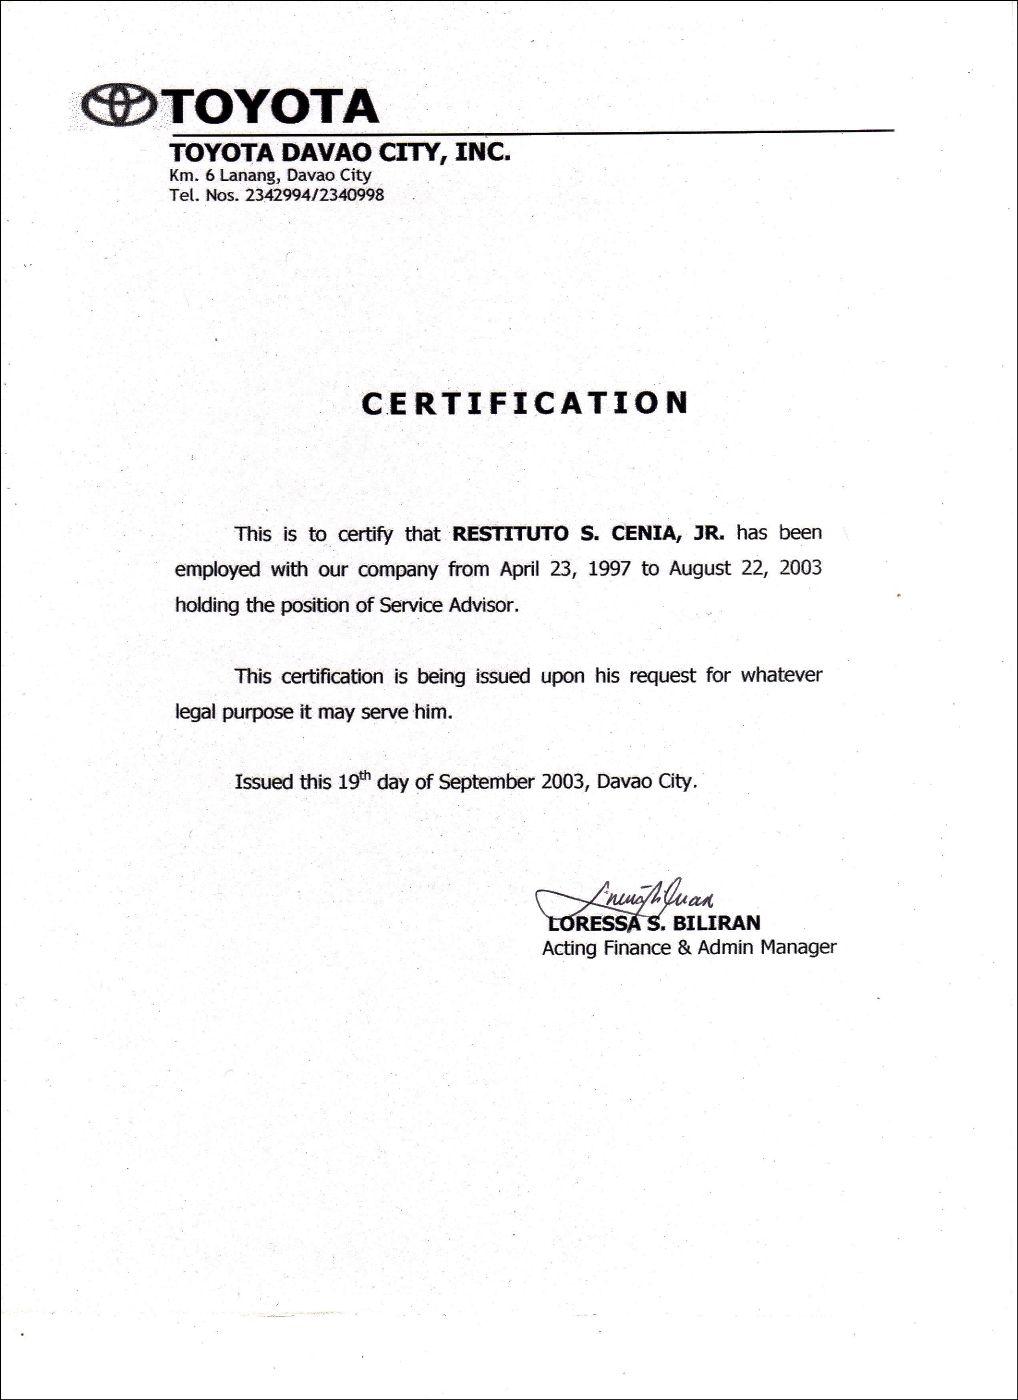 sample job certificate